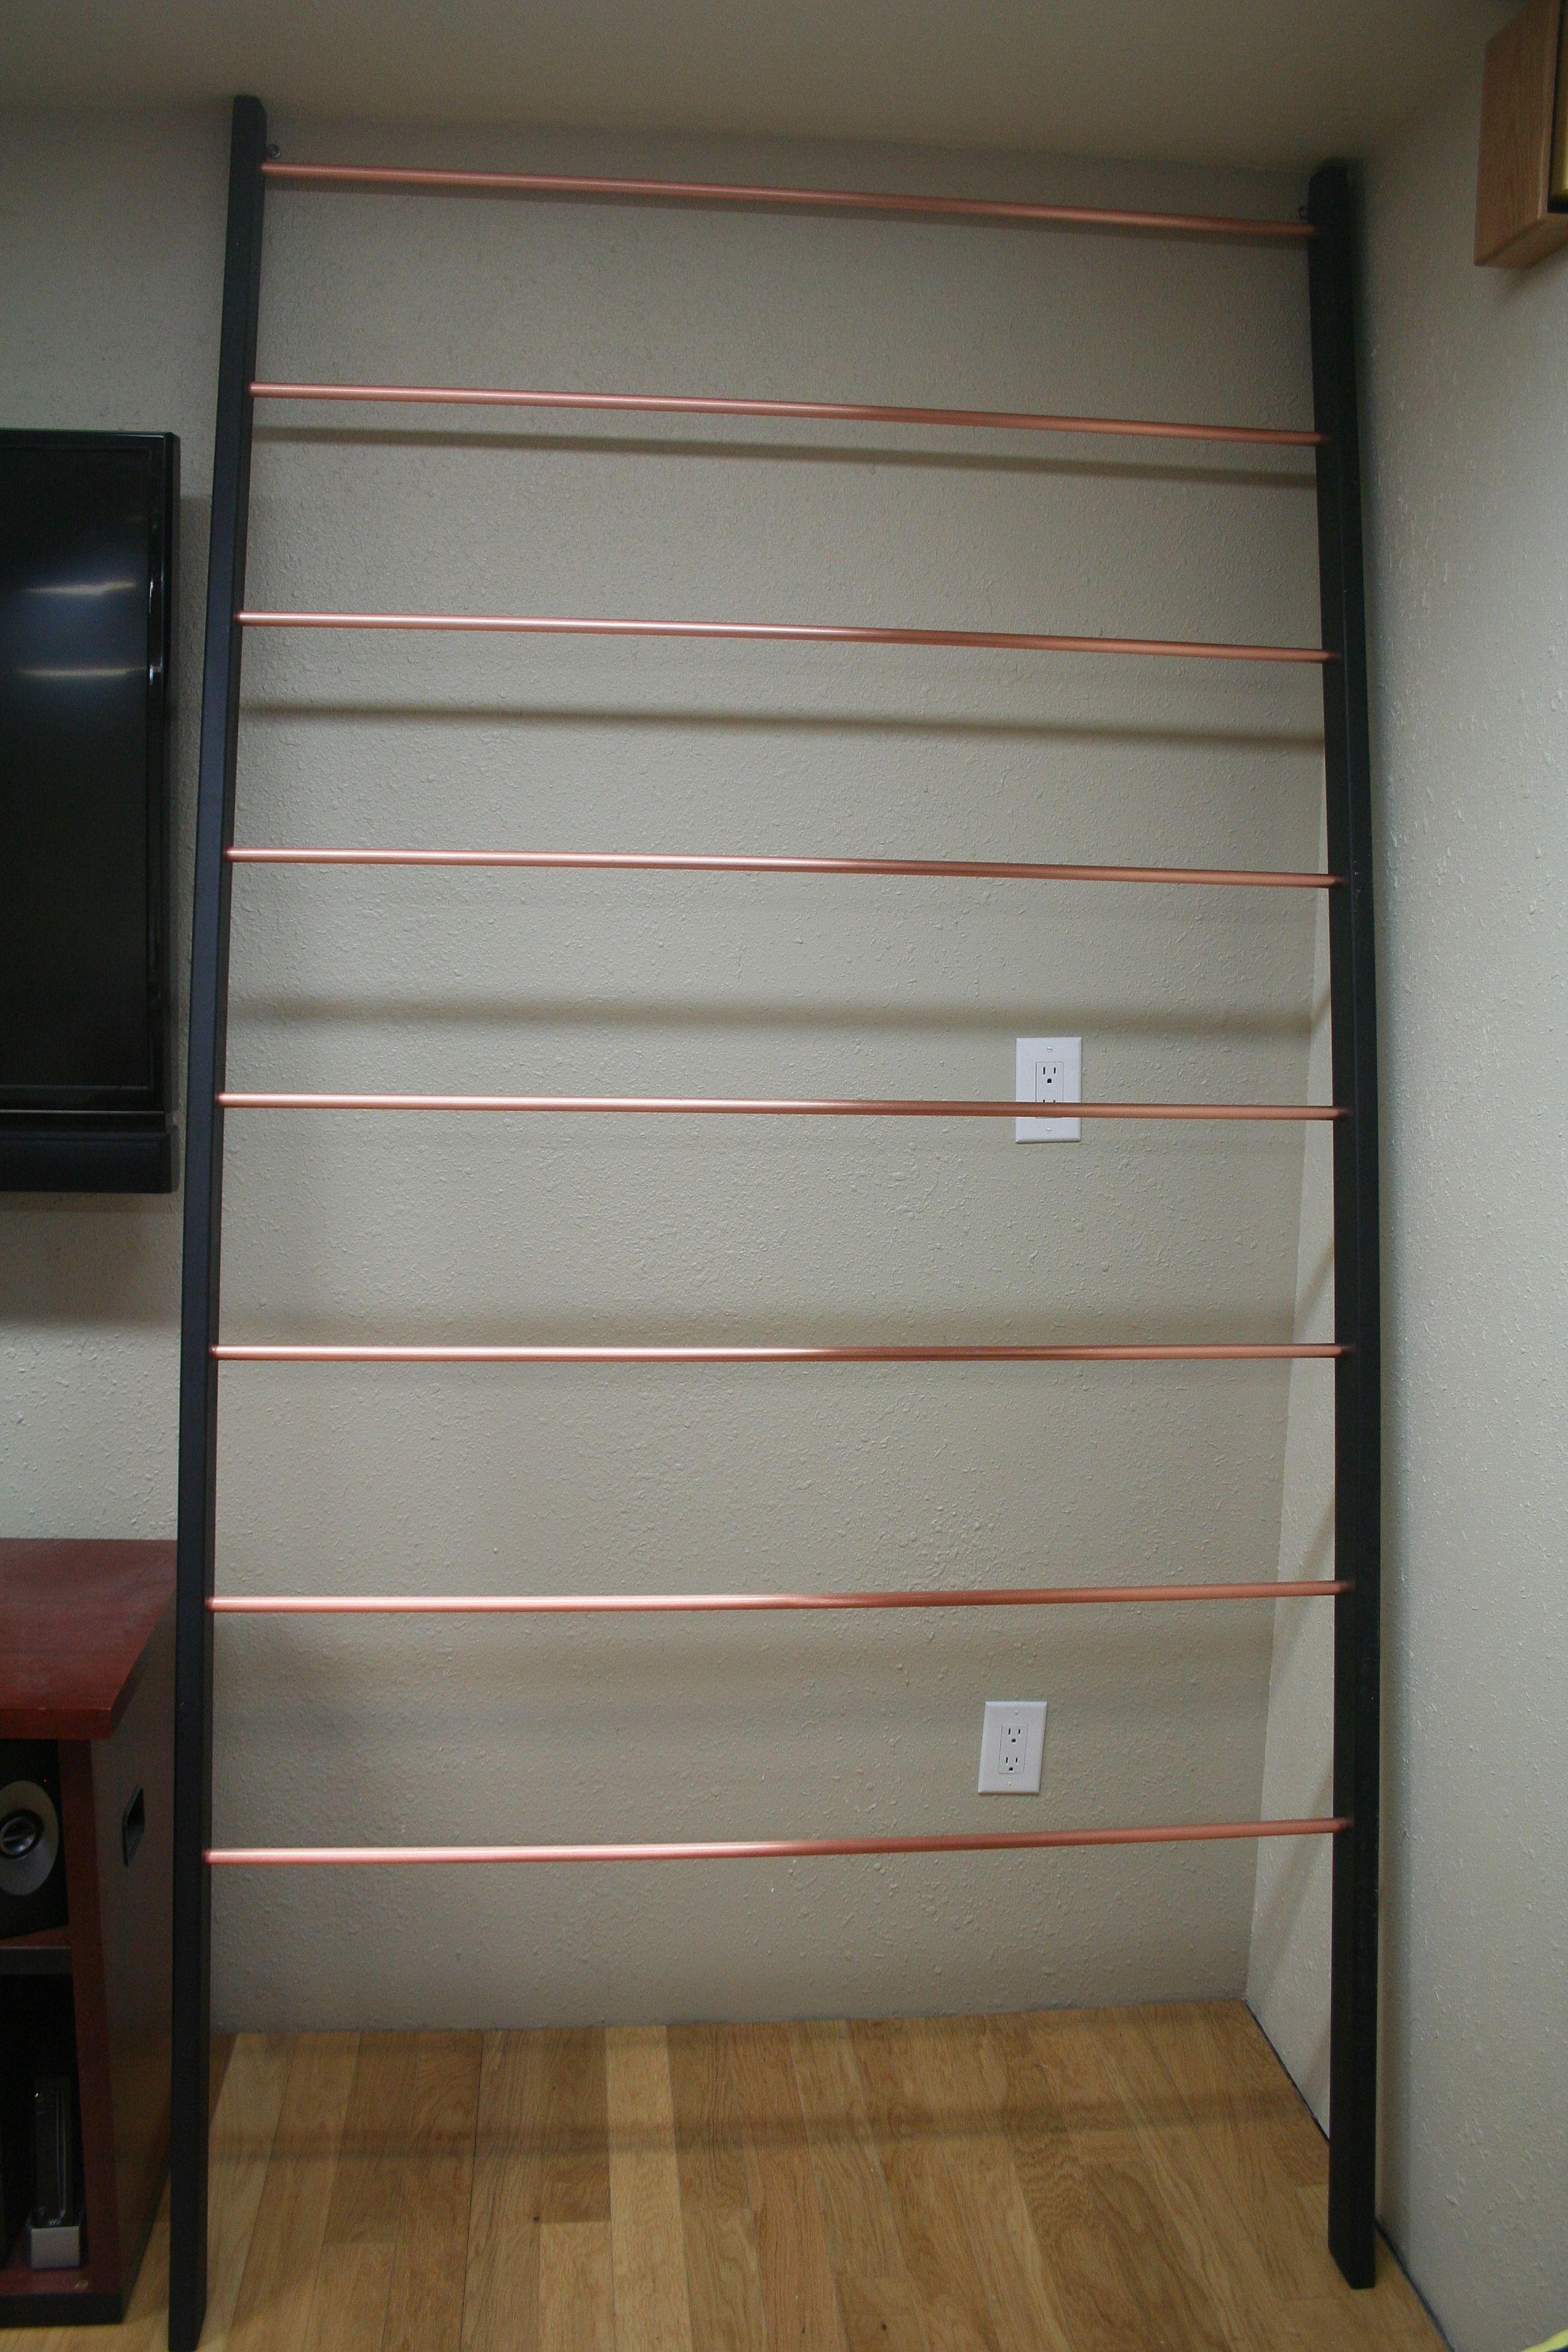 Ladder Quilt Rack unloaded Someday Pinterest